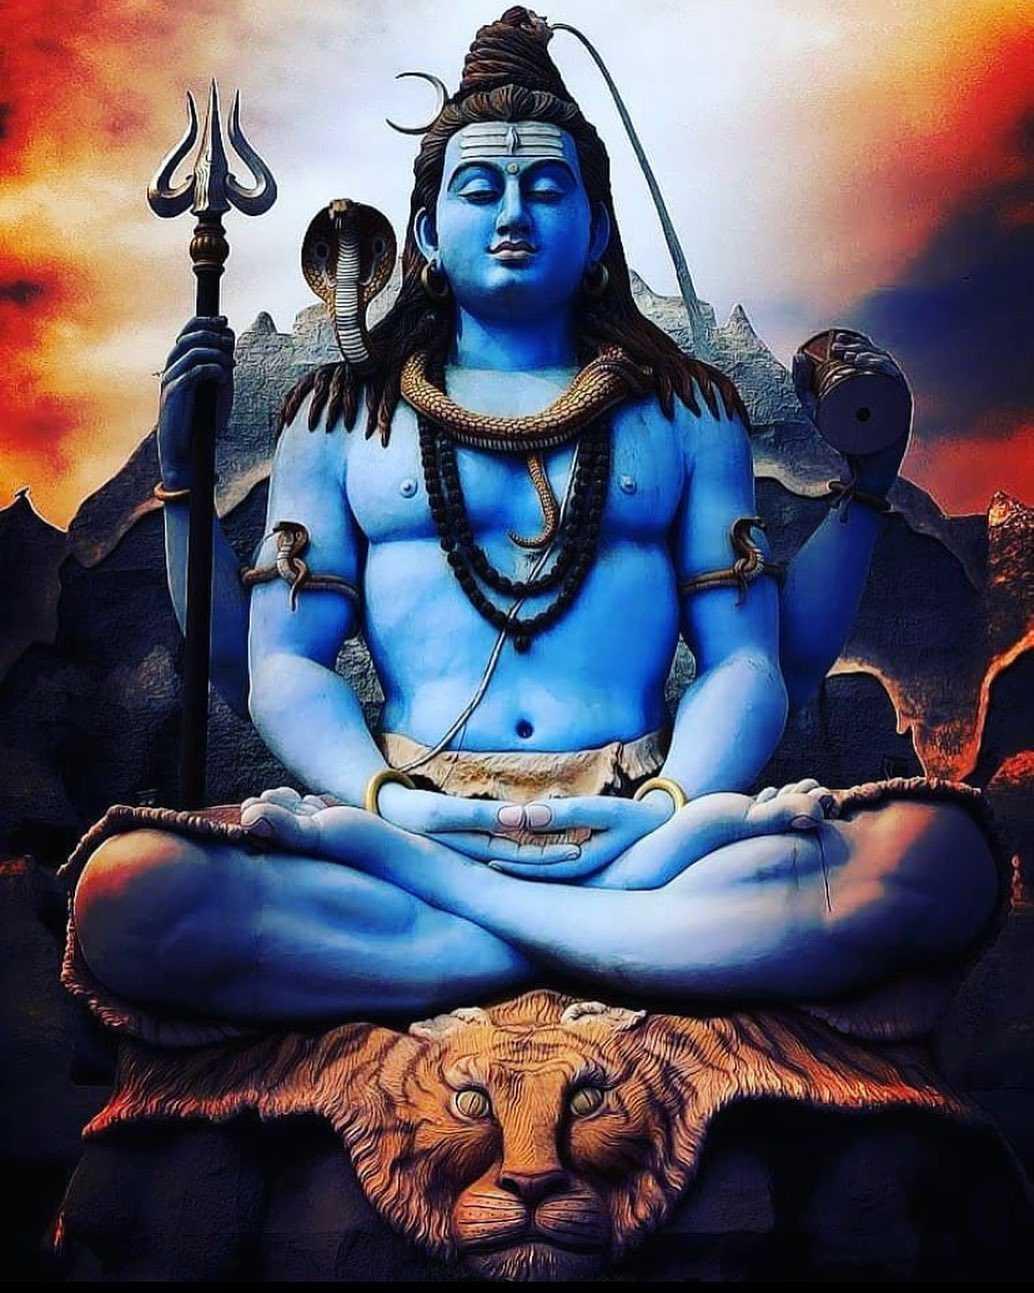 Download Free Wallpaper of Lord Shiva HD New 2021 - Bhagwan Shiva Ka HD Quality New Wallpaper Photo Picture, Shiva Bhagwan Ka HD Quality New Wallpaper & Photo.